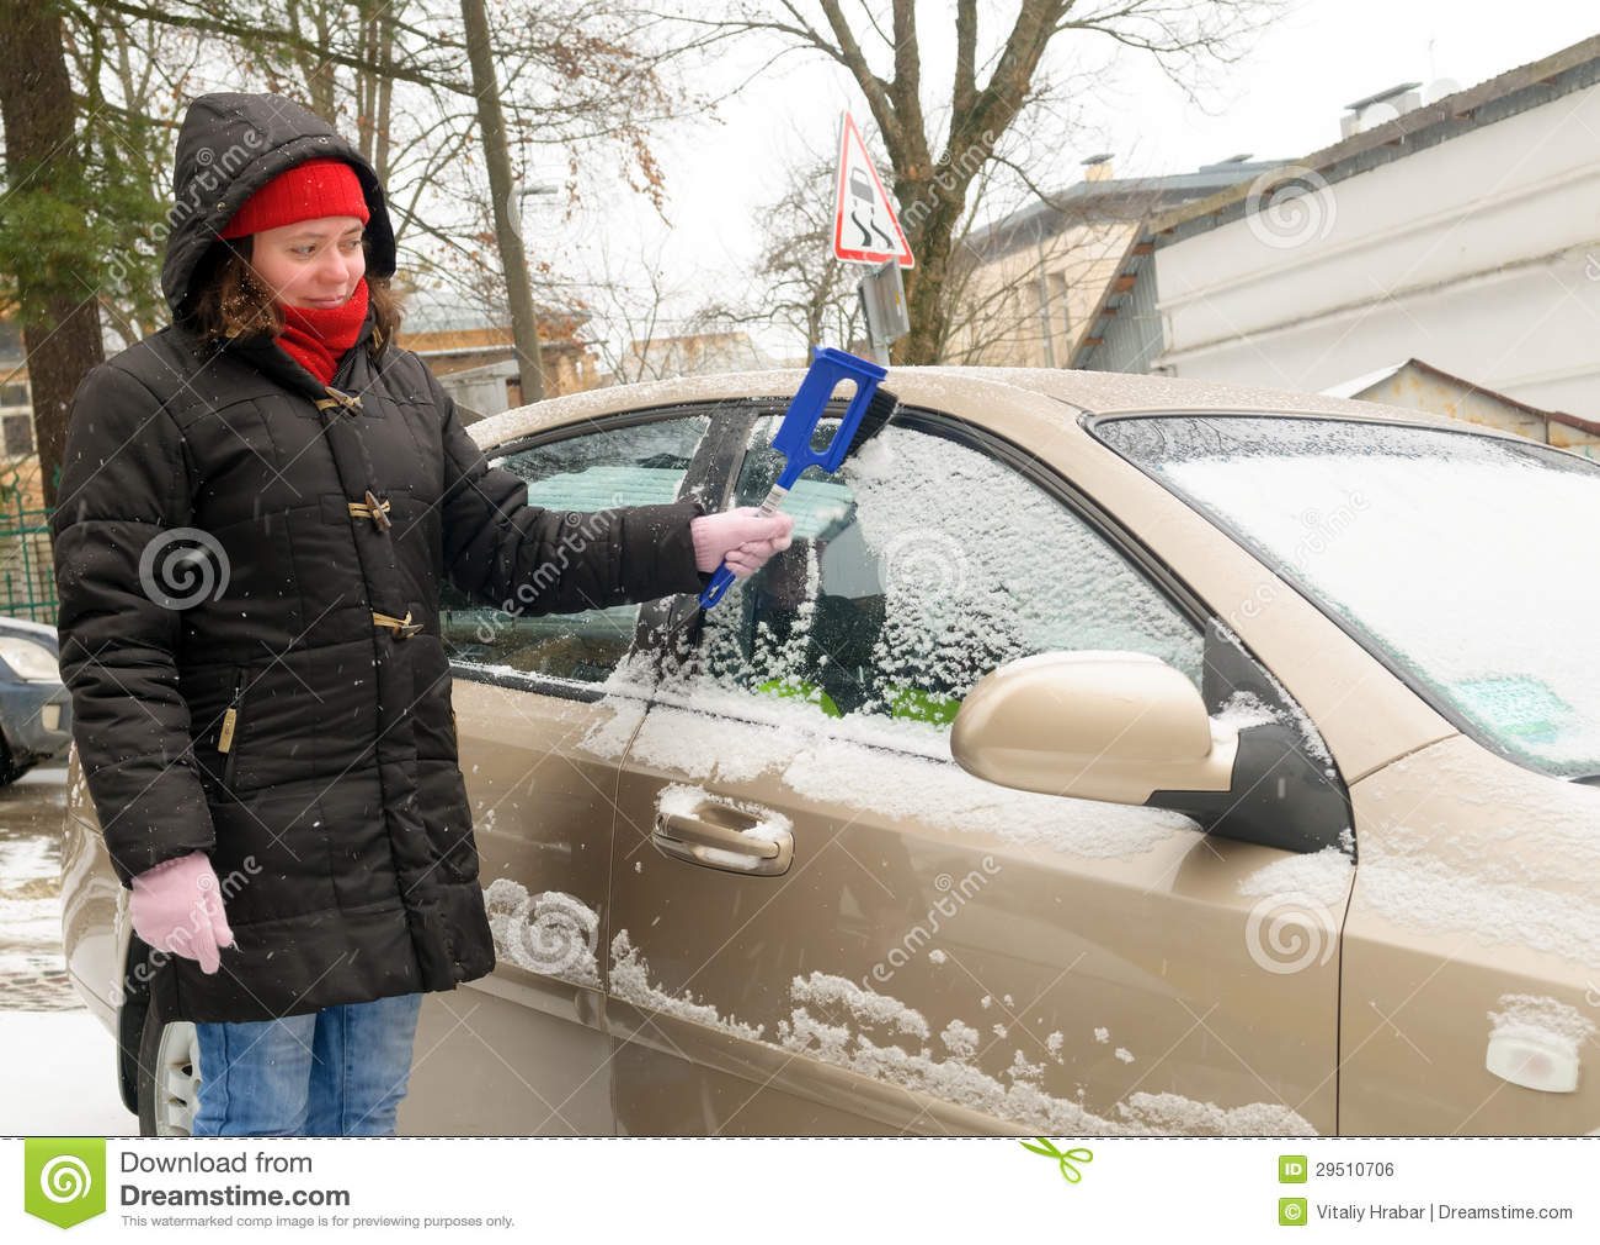 De vrouw maakt het windscherm van de sneeuwauto schoon